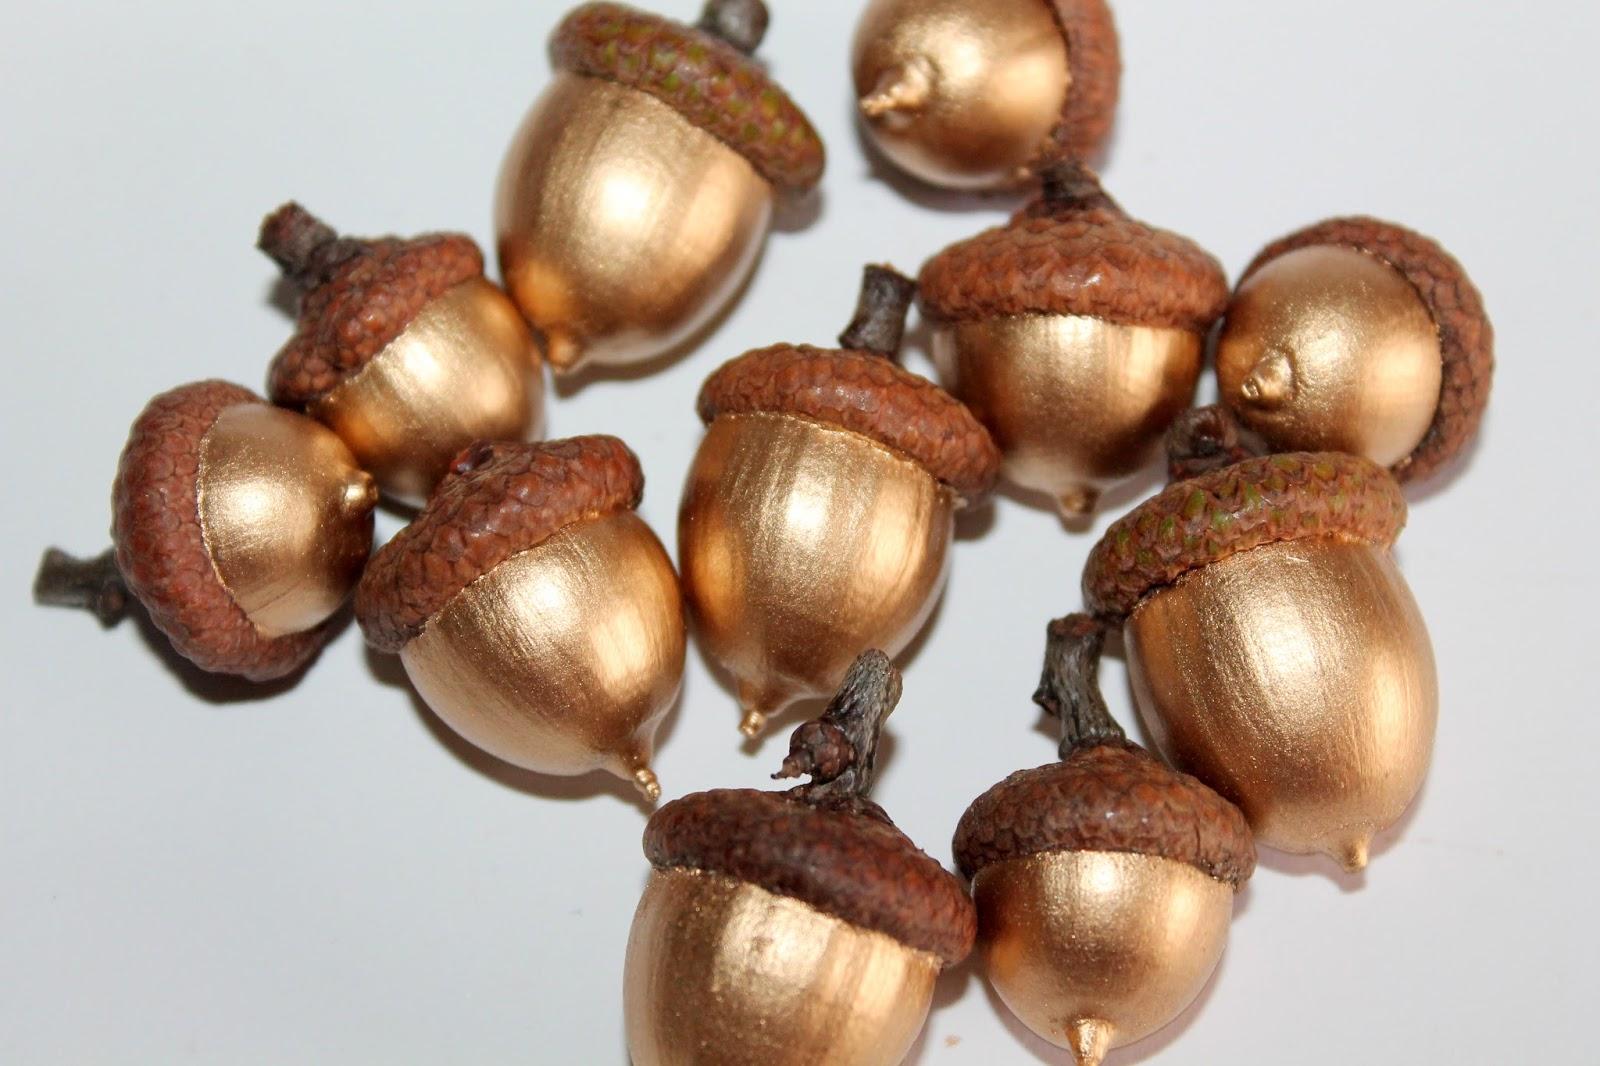 DIY, Basteln: goldene Eicheln in Dekoration, Herbstdekoration, Basteln mit Naturmaterialien - DIYCarinchen